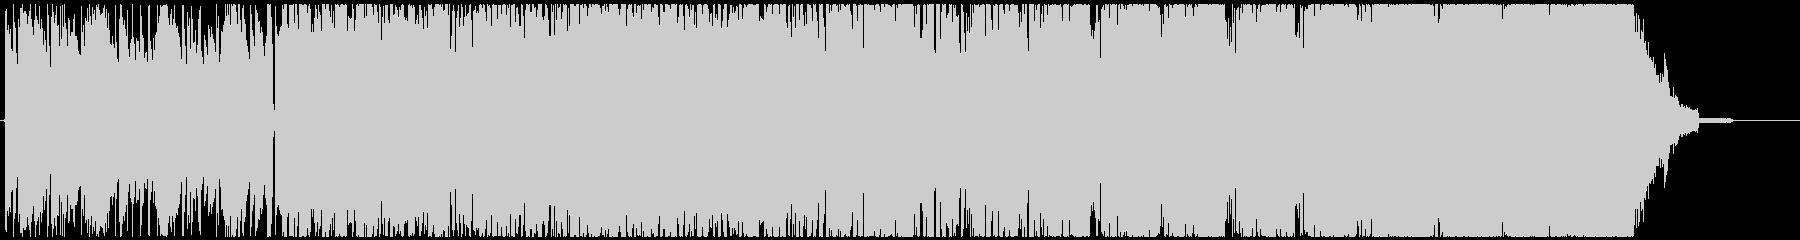 渋いサムライの日常絵巻の未再生の波形